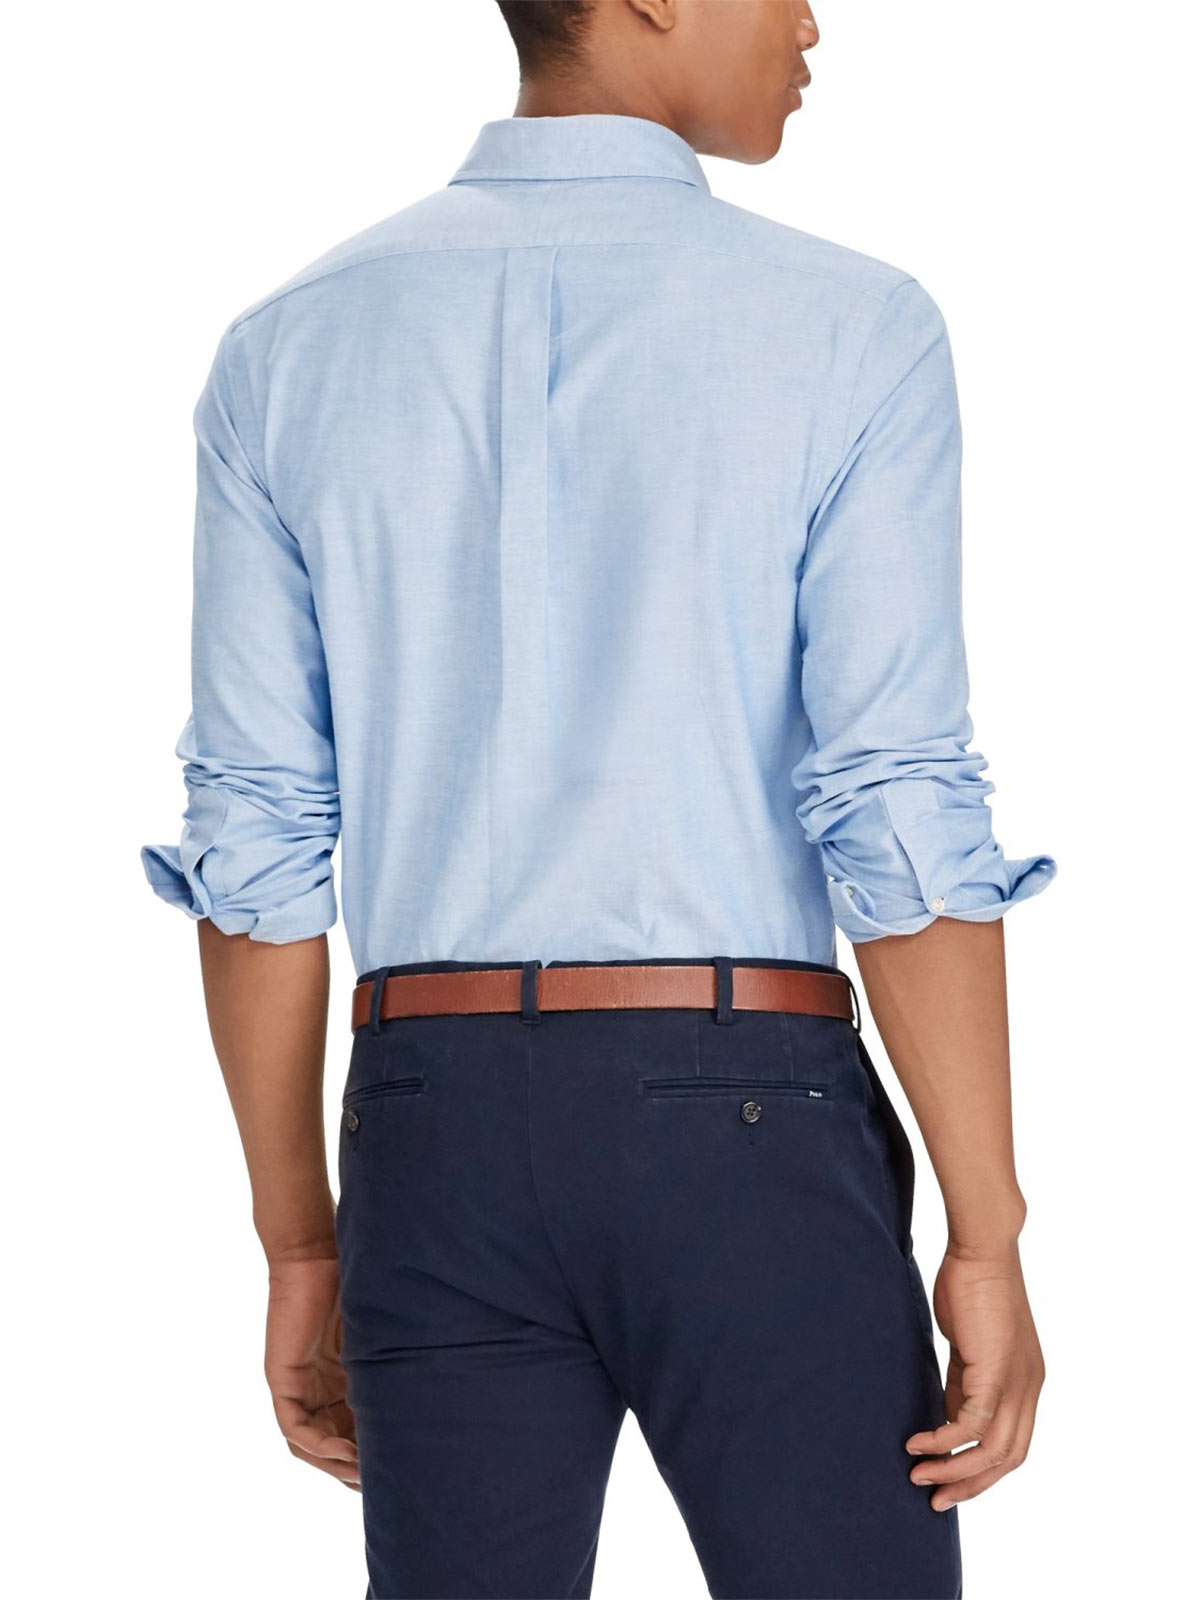 Immagine di POLO RALPH LAUREN | Camicia Uomo Sport in Cotone